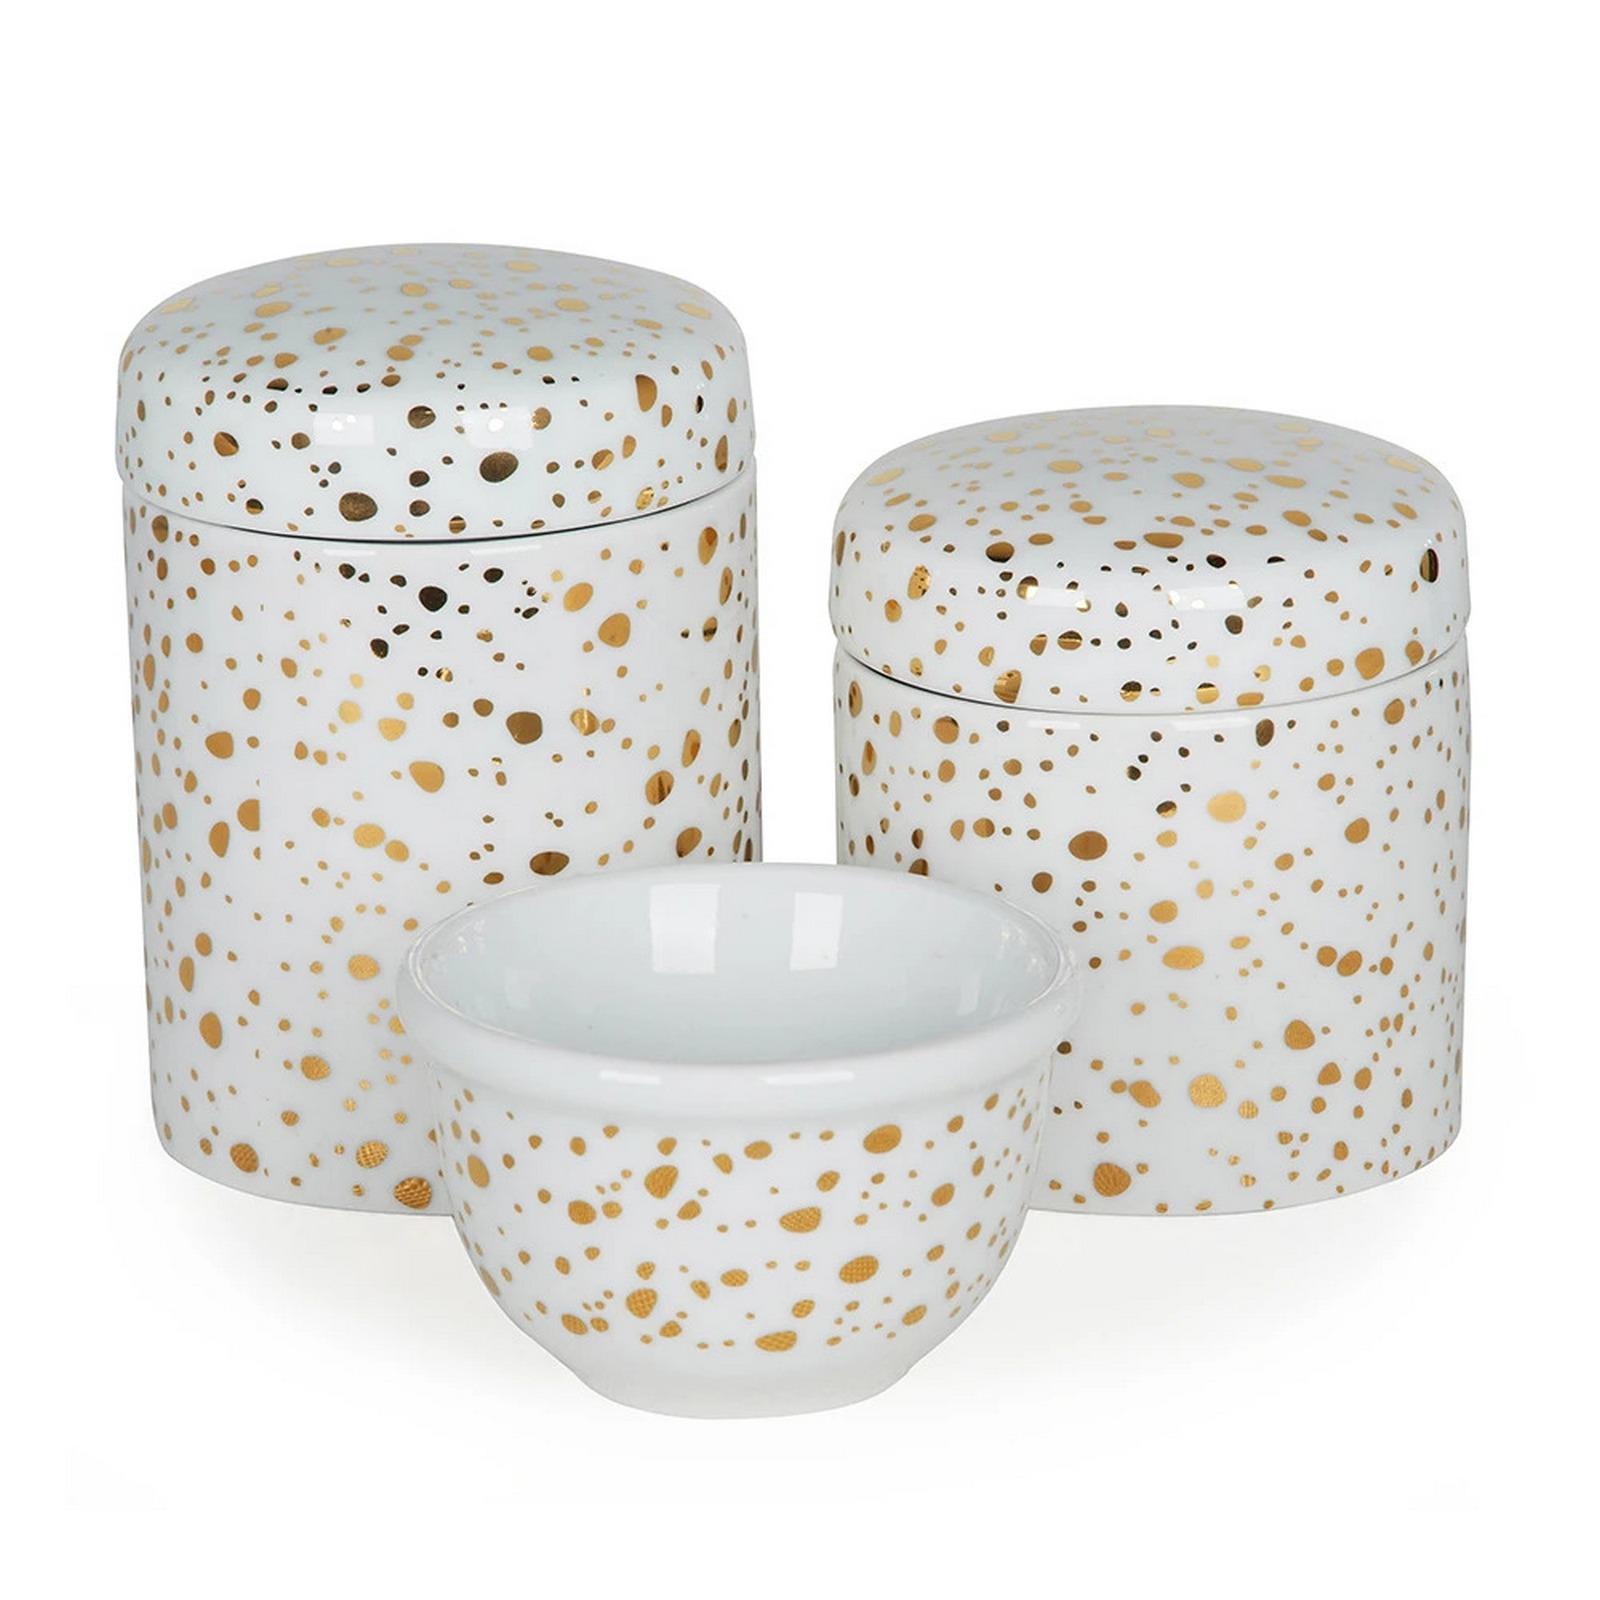 Kit Higiene Céu Estrelado Dourado Fundo Branco